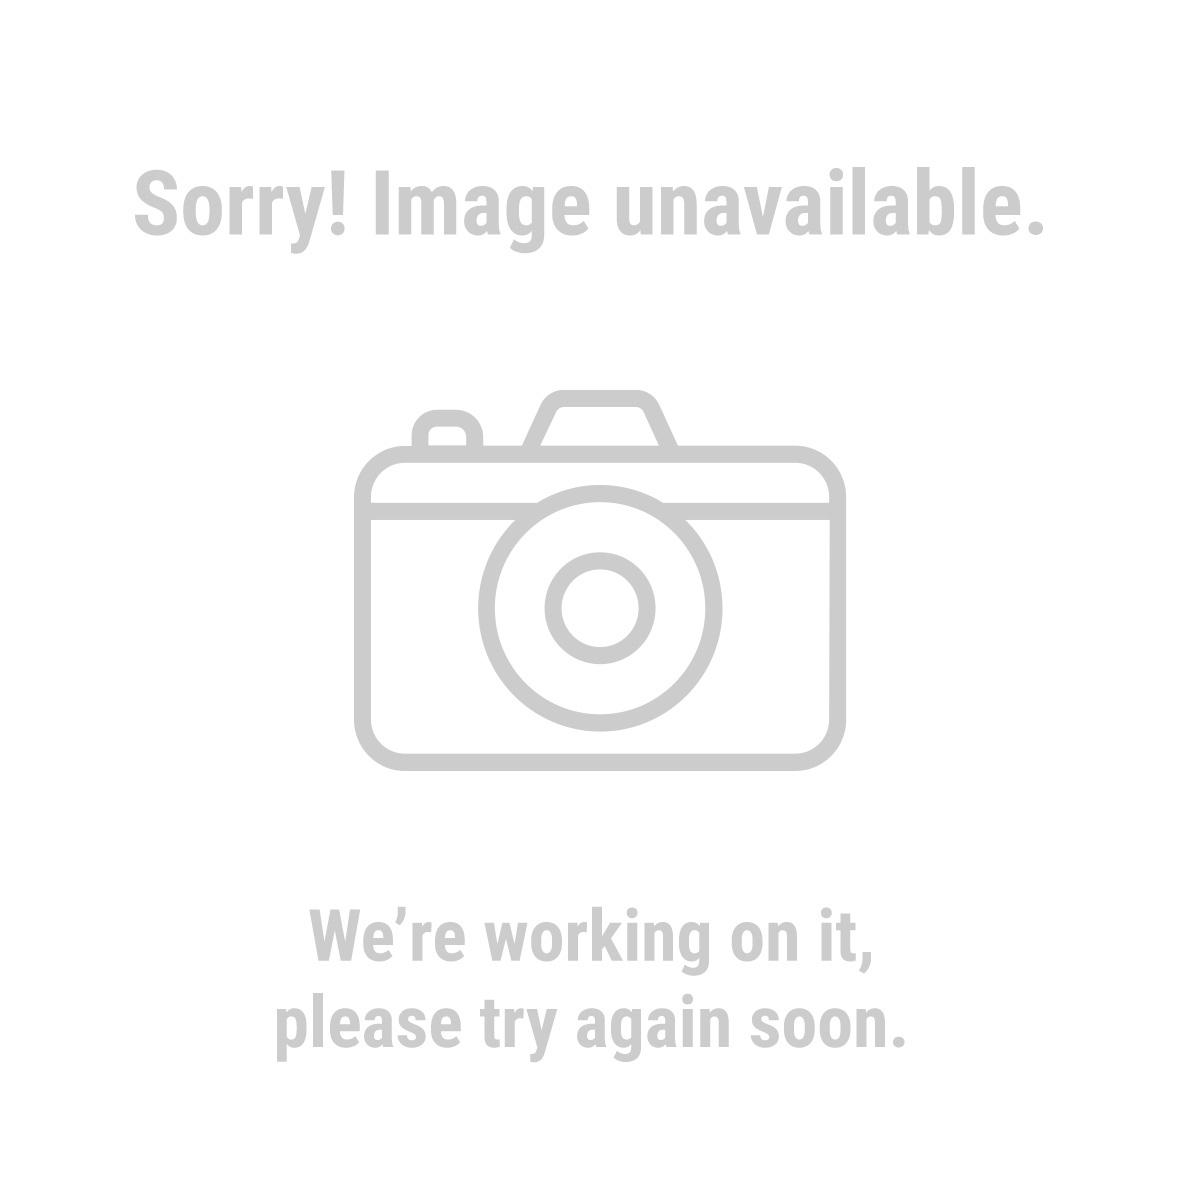 Slime 47614 Inner Tube Repair Kit